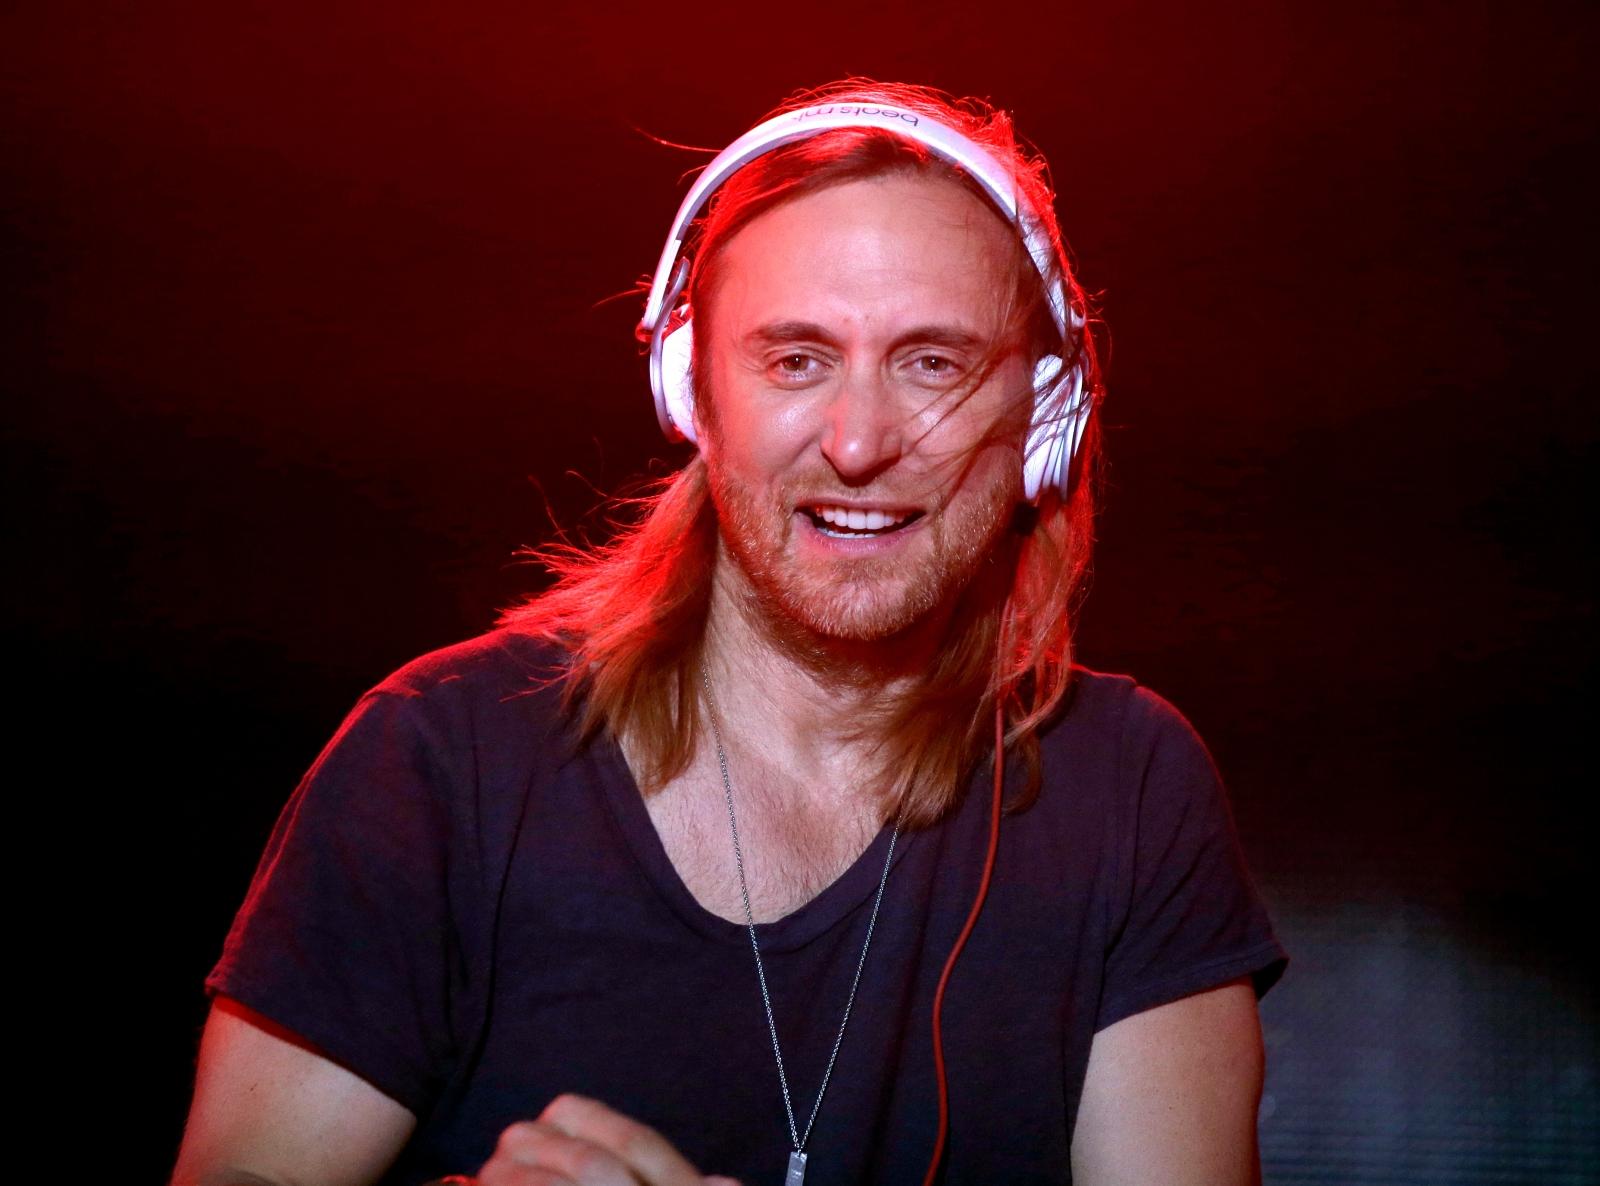 David Guetta Tour  Uk